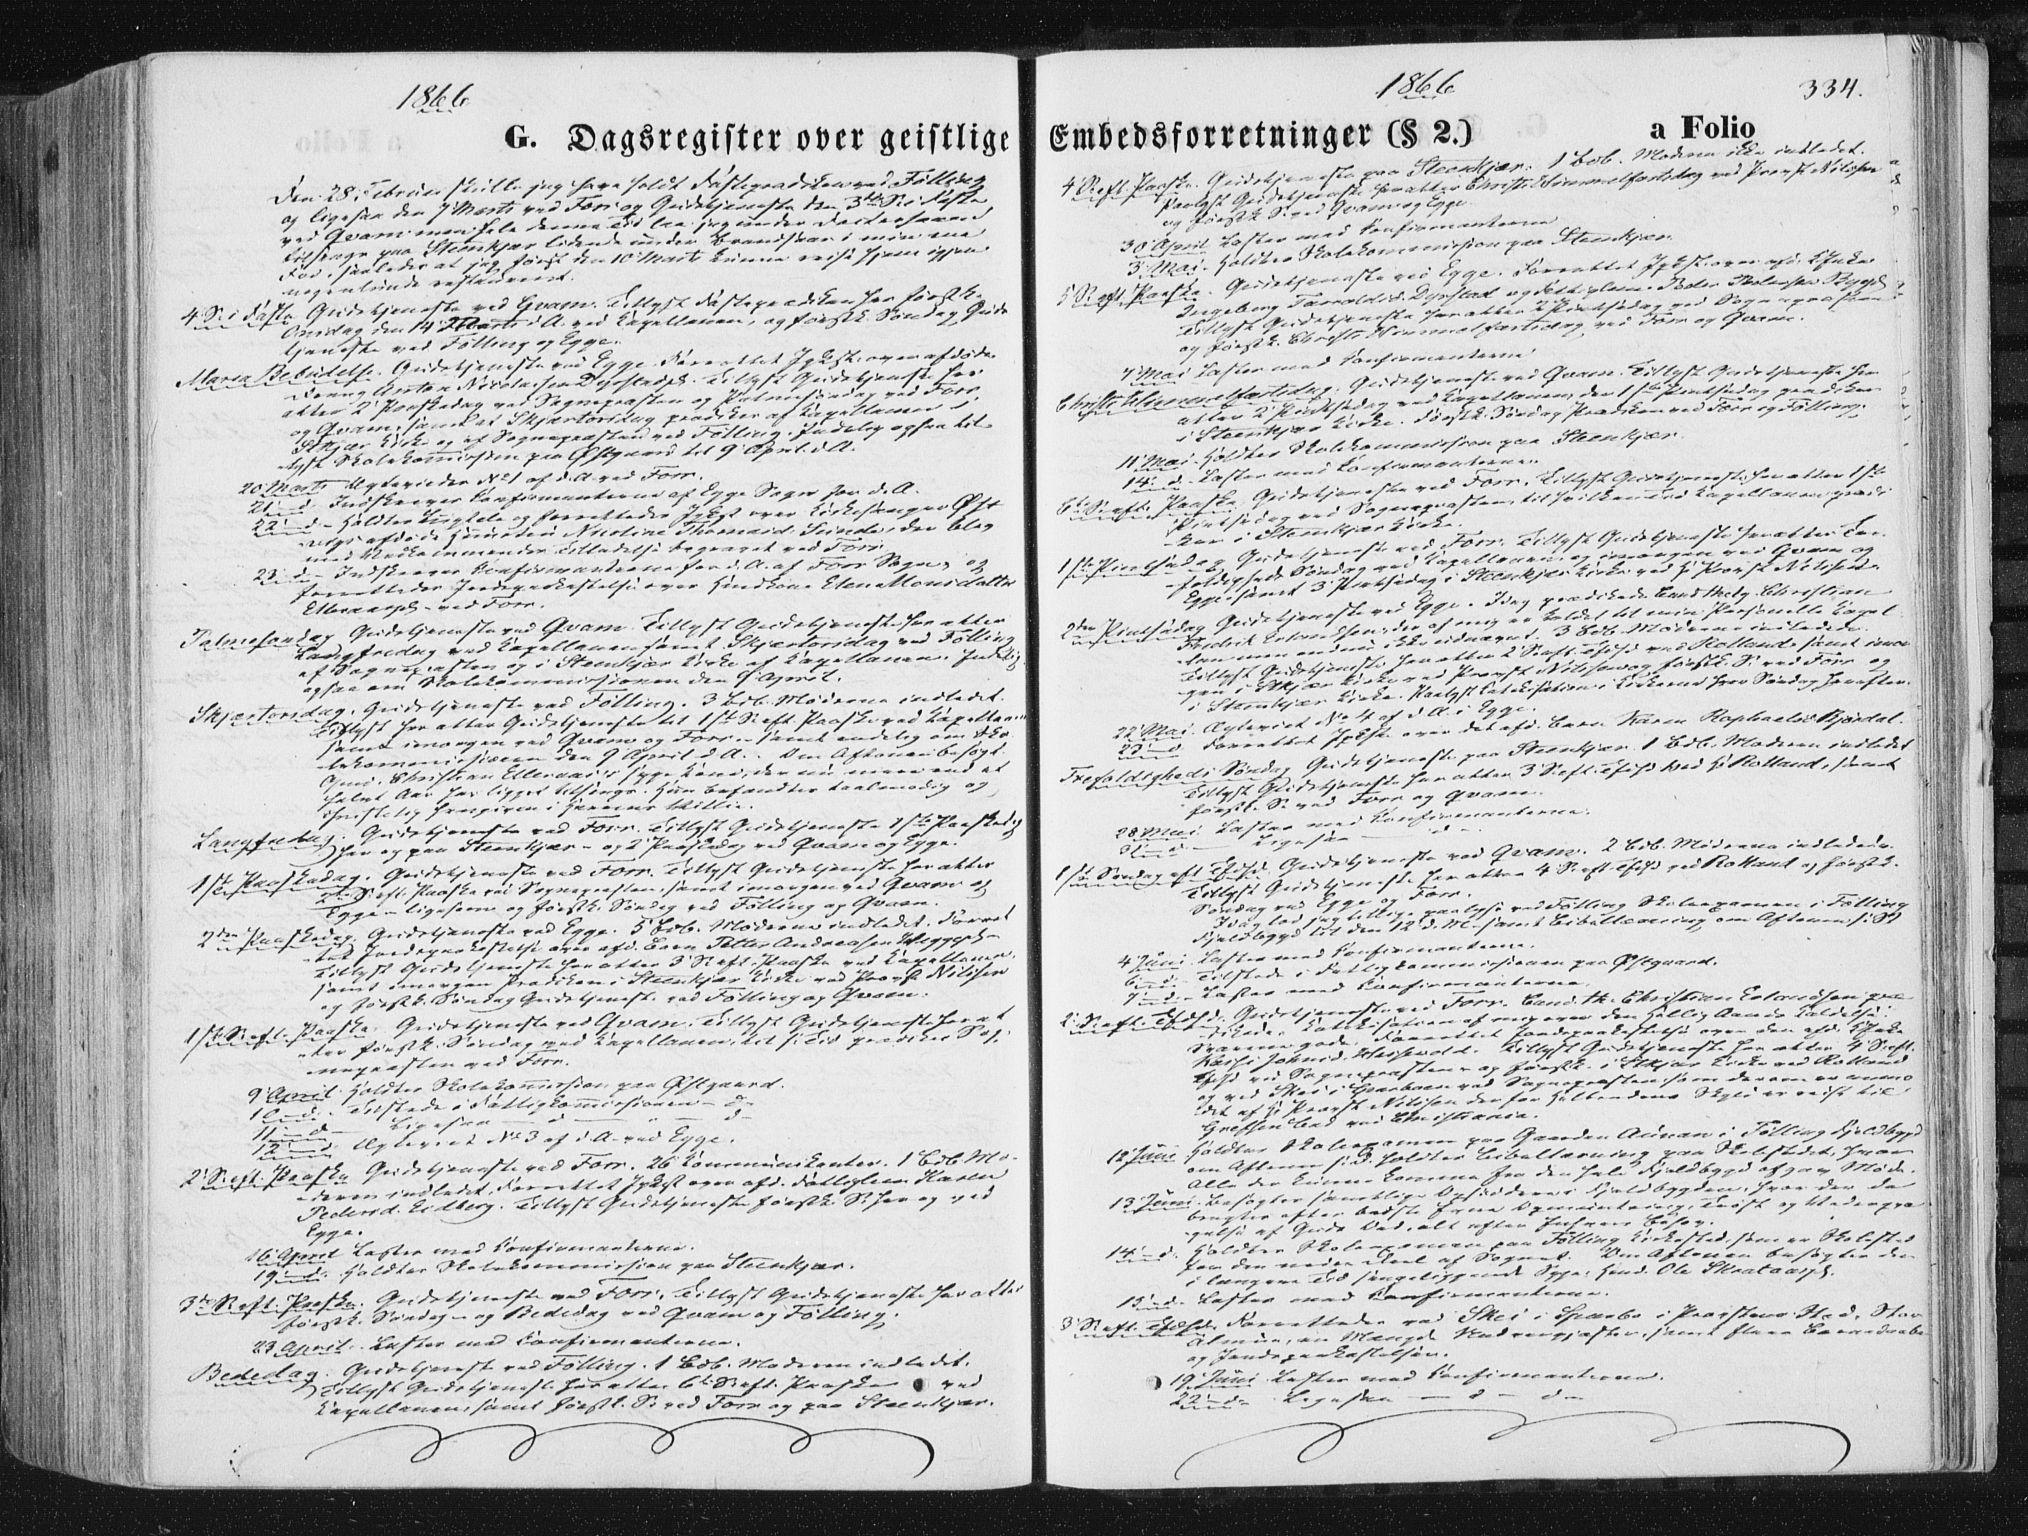 SAT, Ministerialprotokoller, klokkerbøker og fødselsregistre - Nord-Trøndelag, 746/L0447: Ministerialbok nr. 746A06, 1860-1877, s. 334